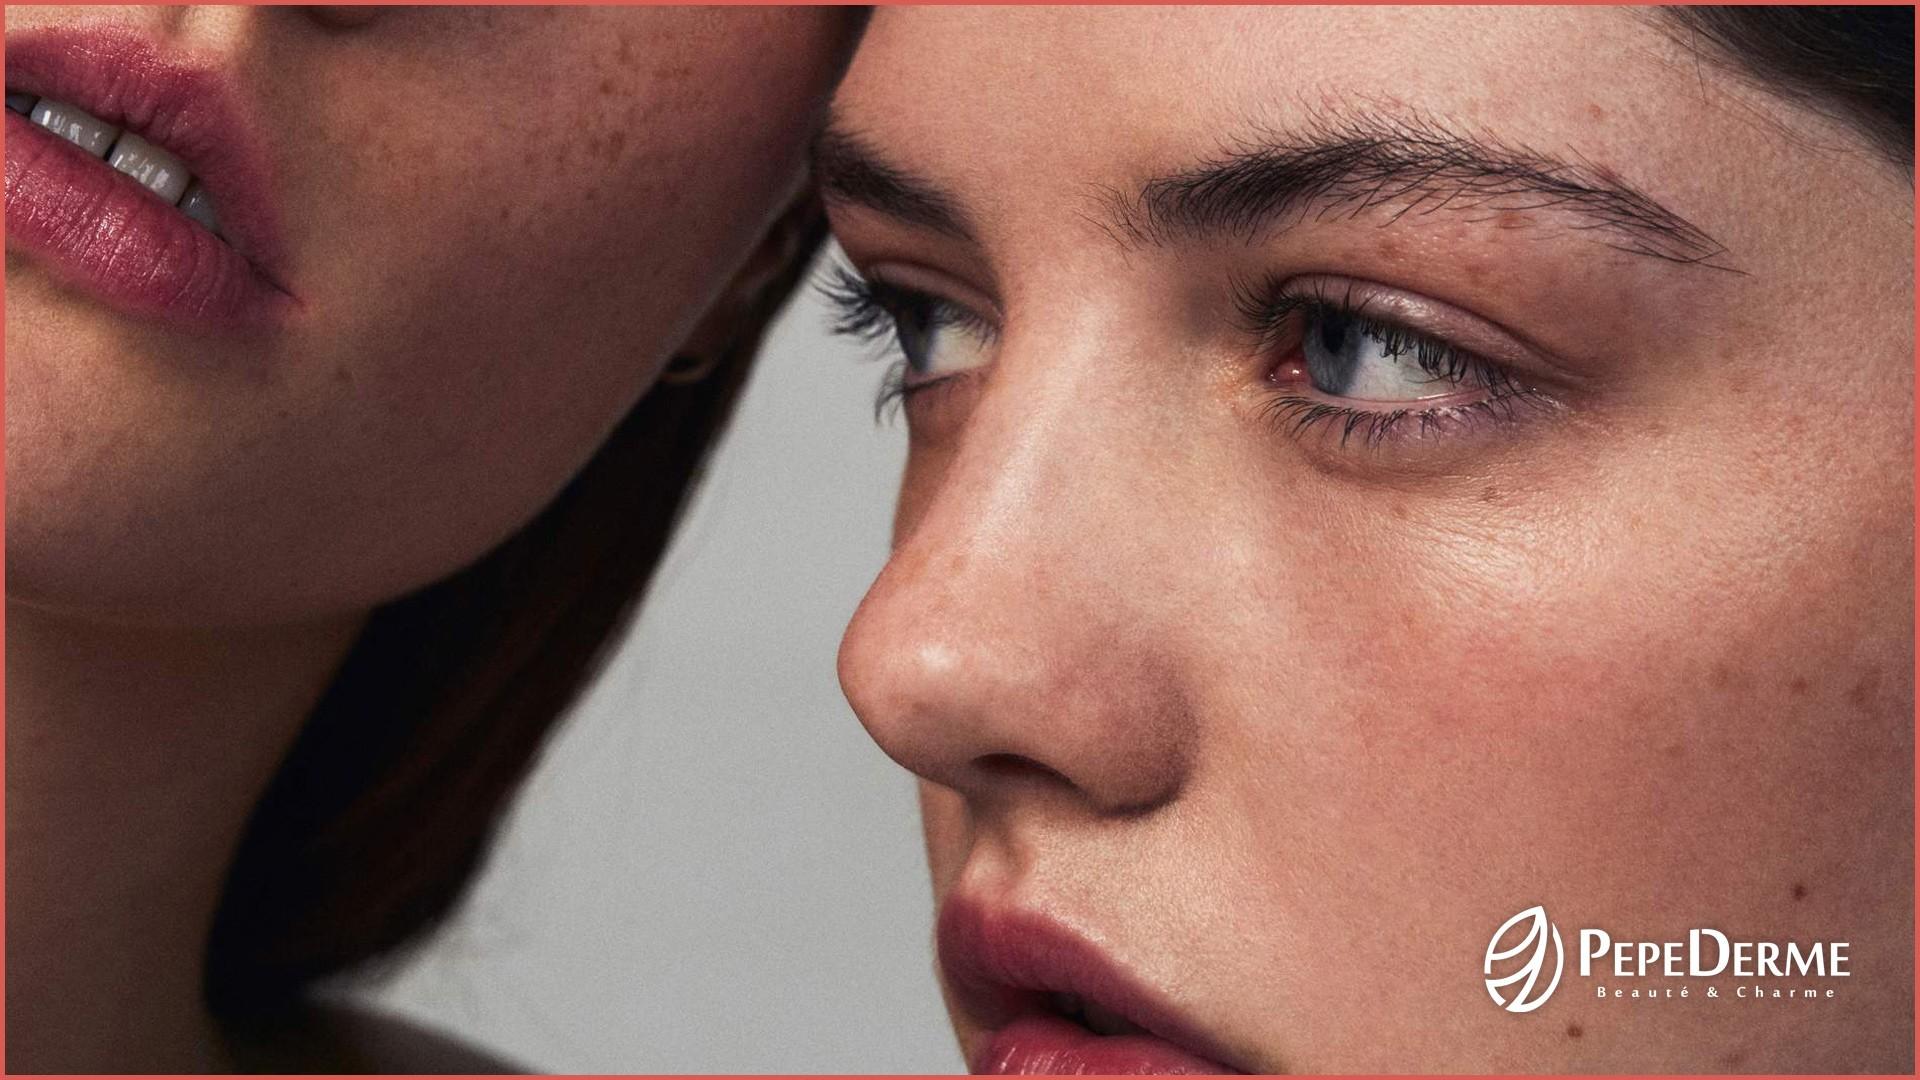 Potřebujete se zbavit pigmentových skvrn z léta? Pigmentové skvrny na obličeji, dekoltu, hřbetech rukou, ramenou mohou trápit mnohé z Vás.